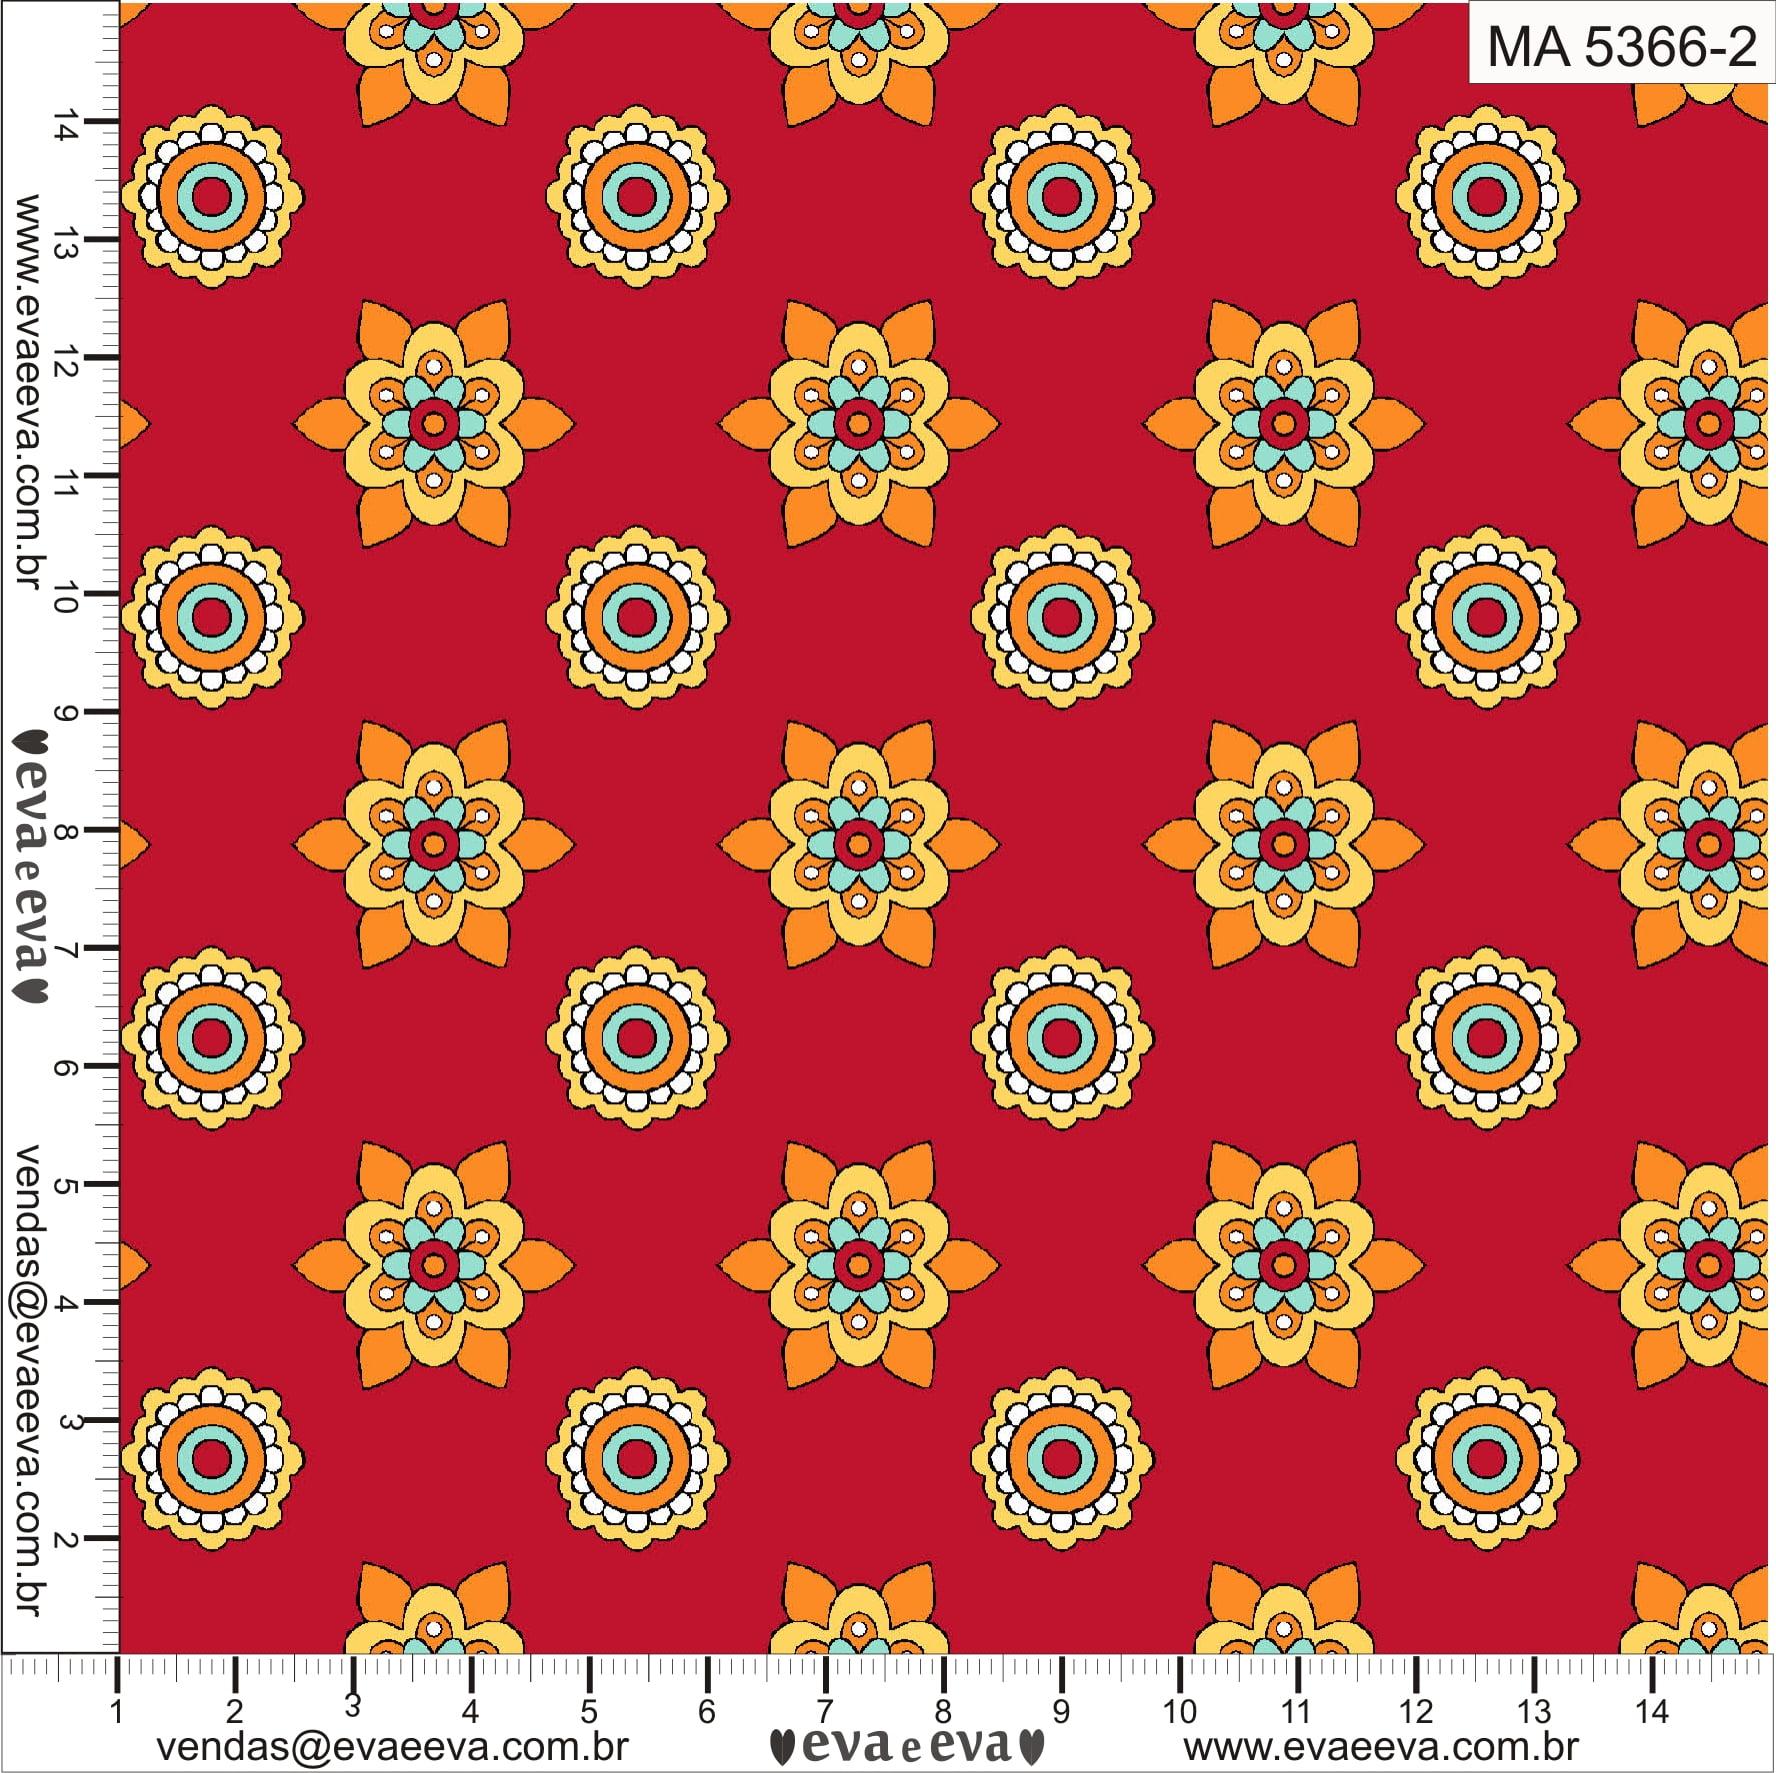 Tecido tricoline estampada da Eva e Eva - Coleção Mandalay  -  MA5366-2